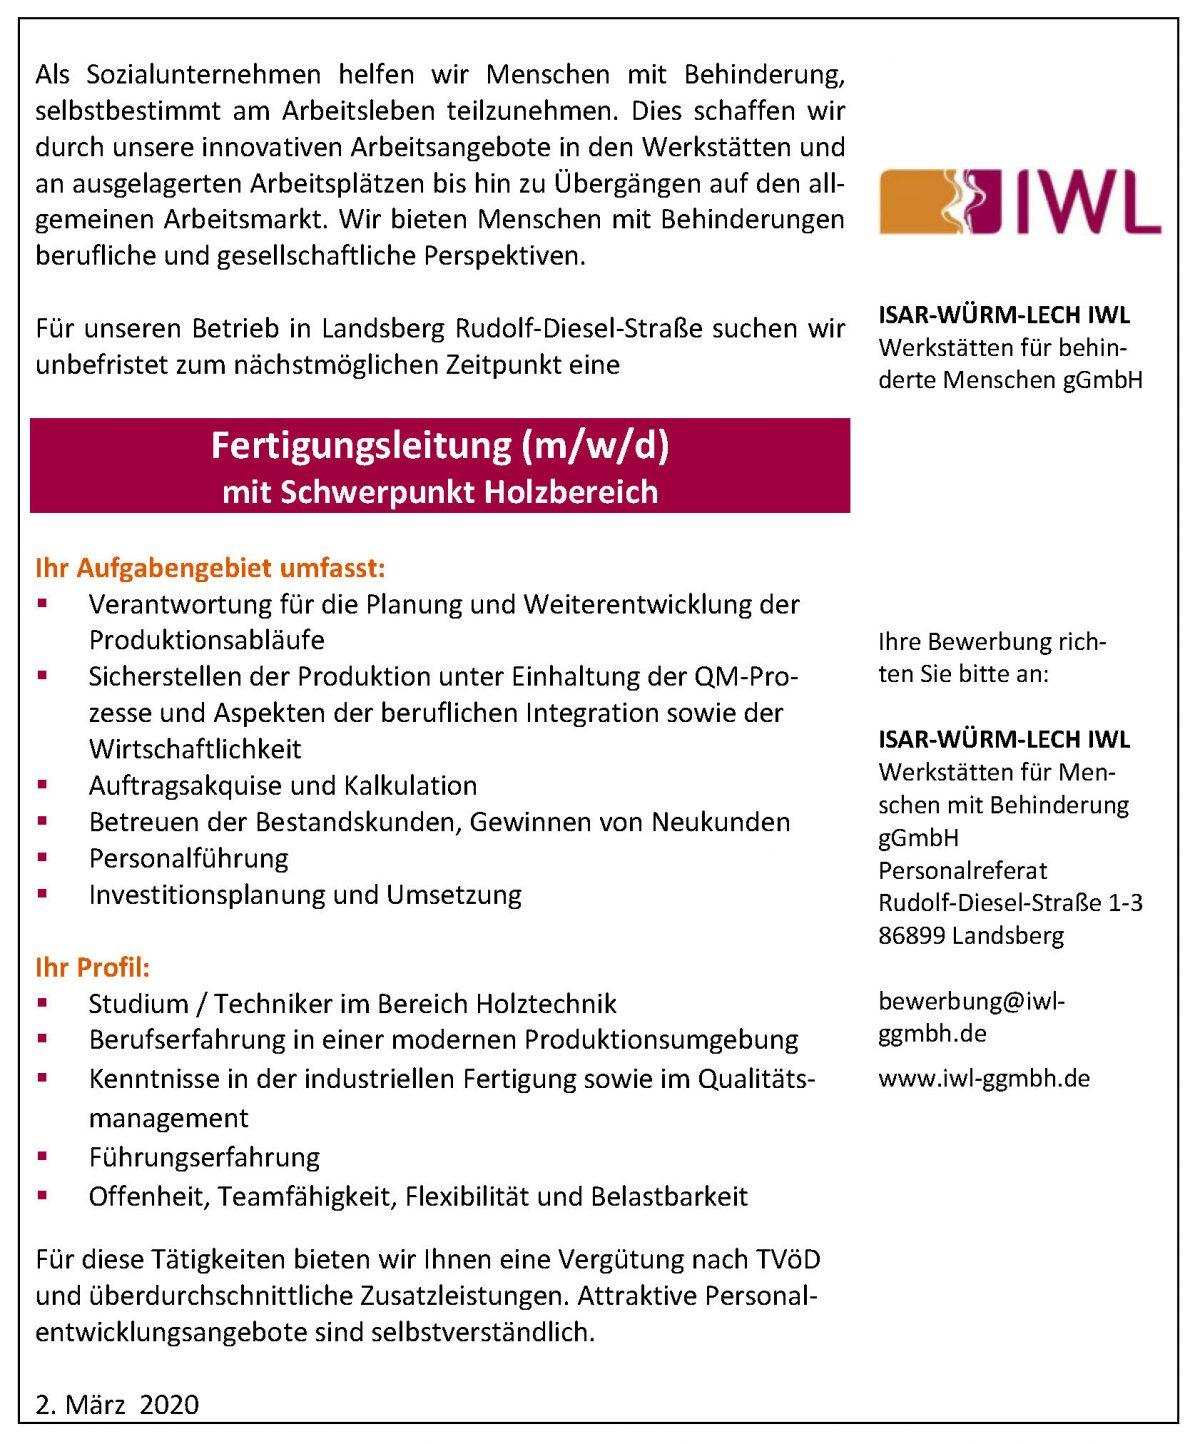 Fertigungsleitung Holz_IWL